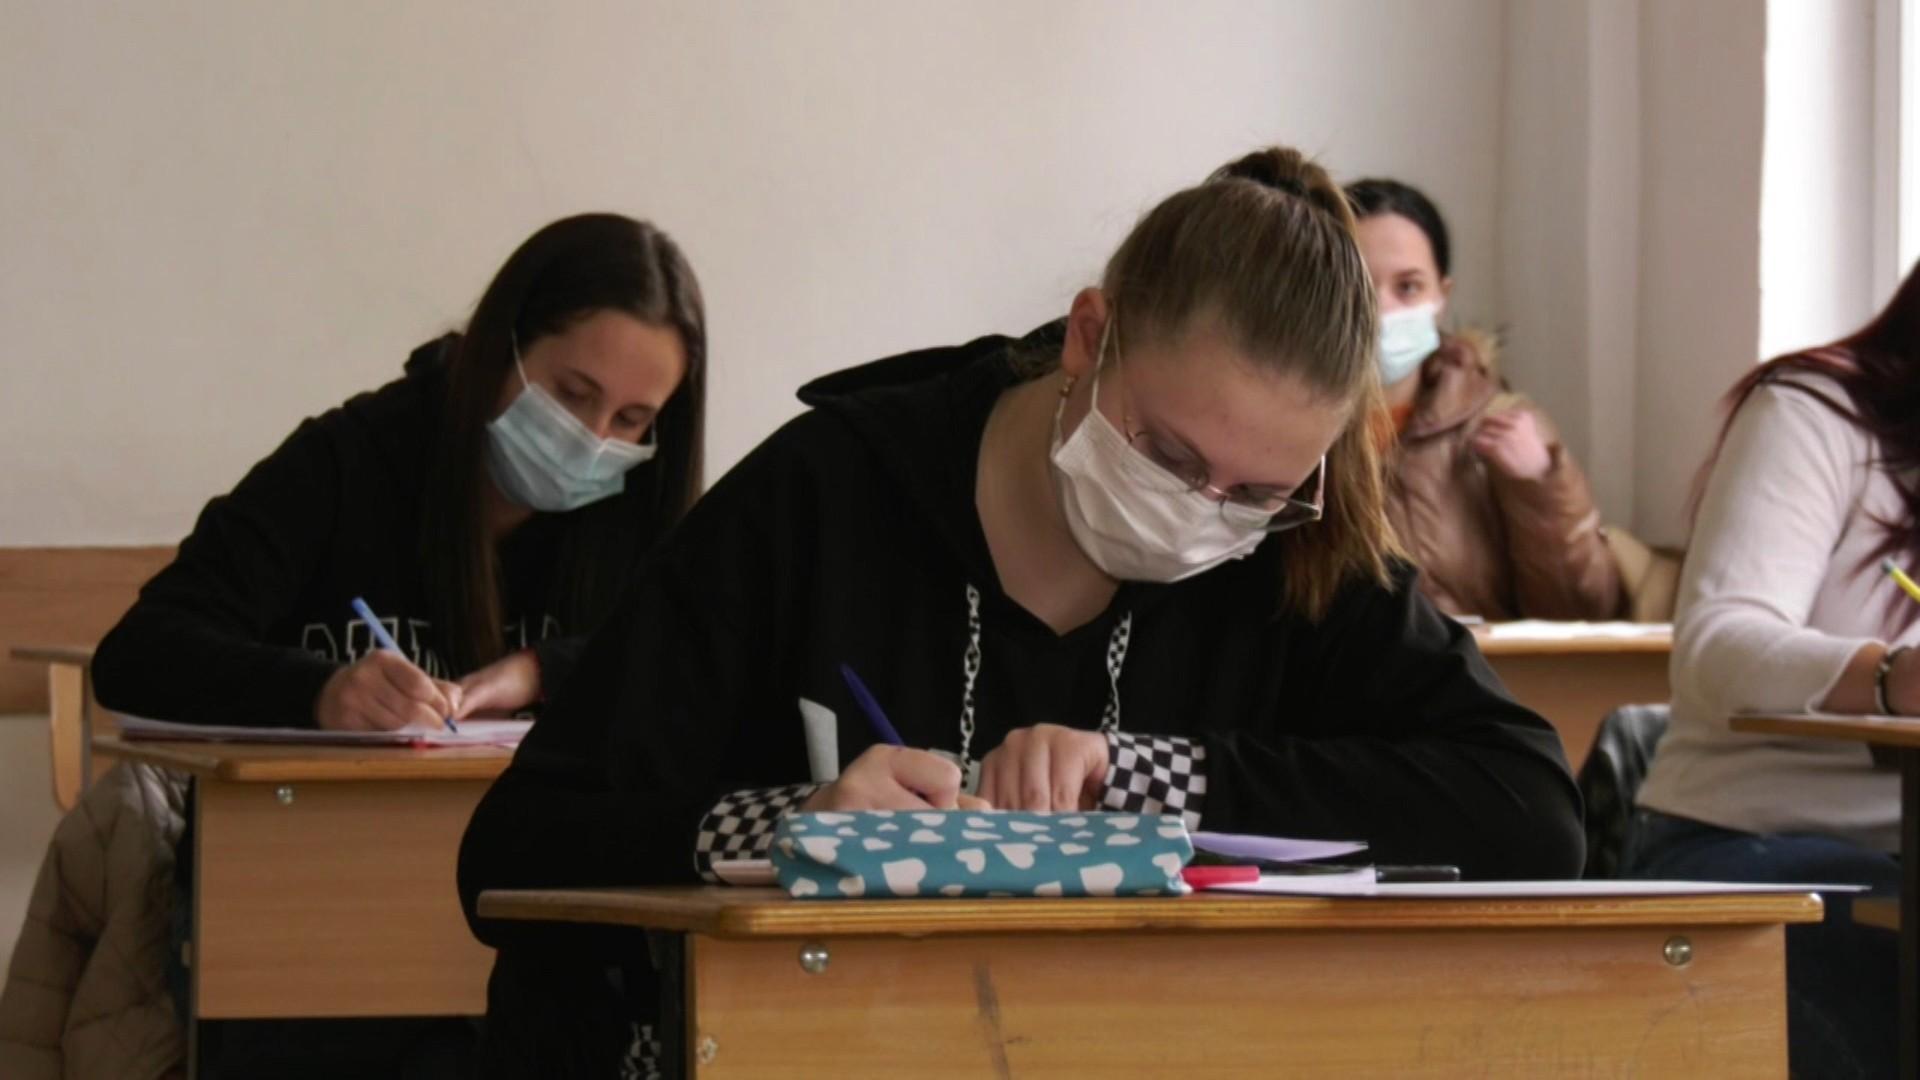 Primele reacții după BAC-ul la română. Elevii s-au arătat surprinși de subiectele primite